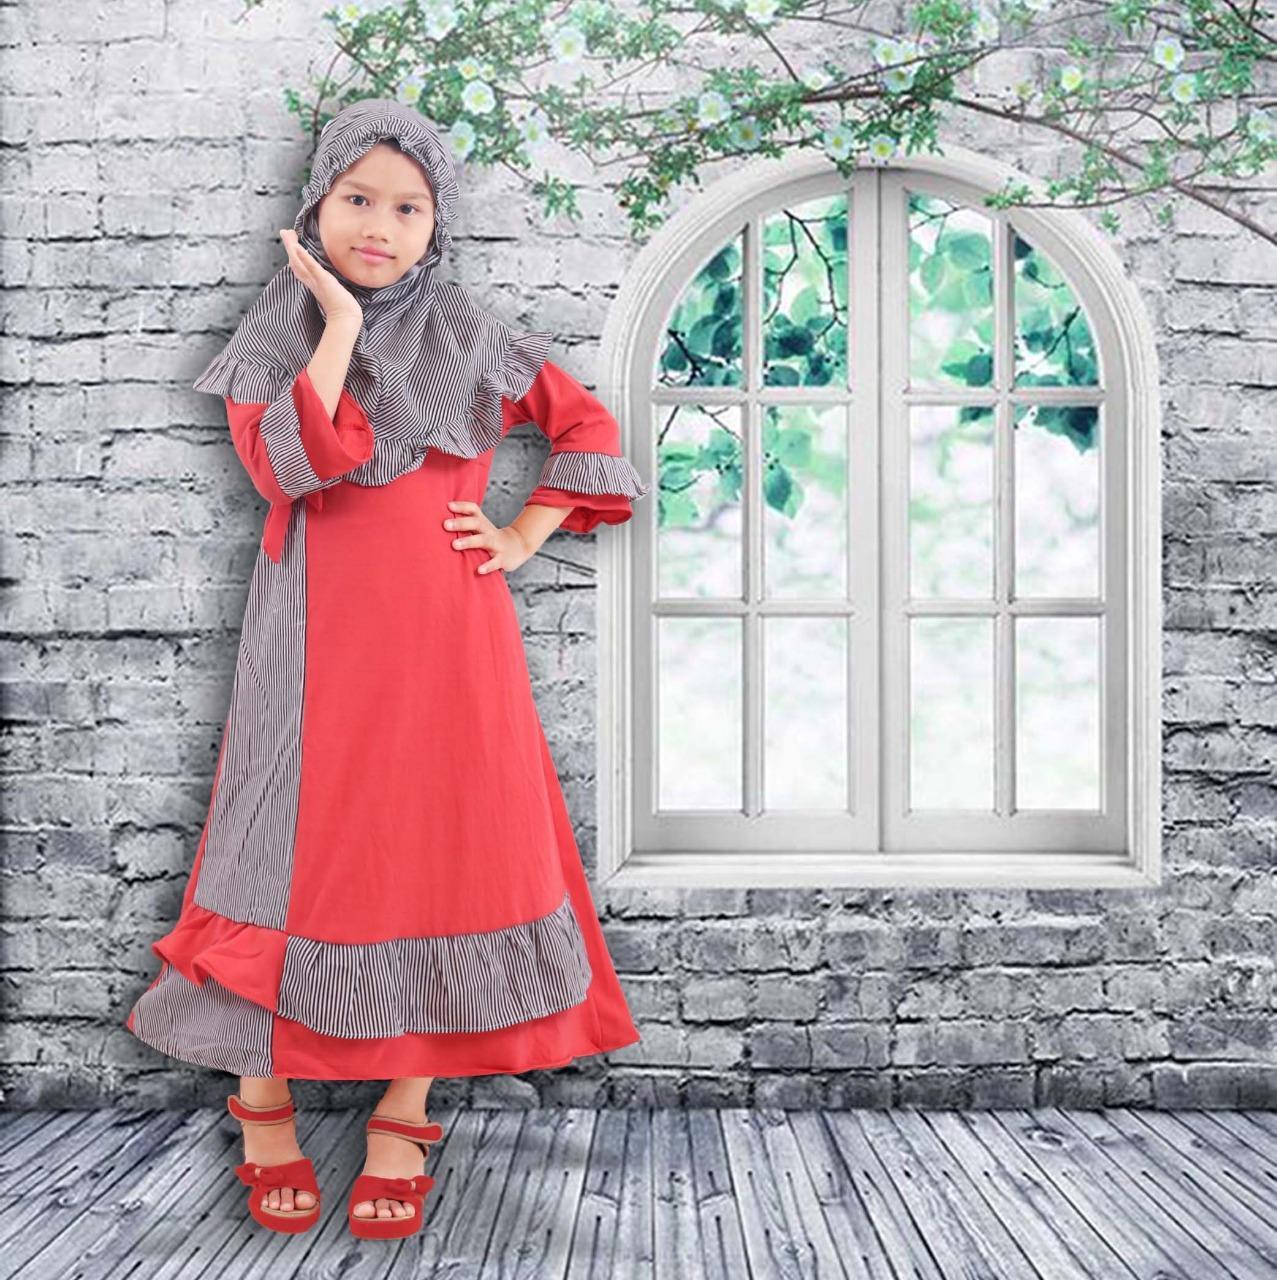 Features Baju Gamis Anak Perempuan Plus Jilbab Dan Harga Terbaru